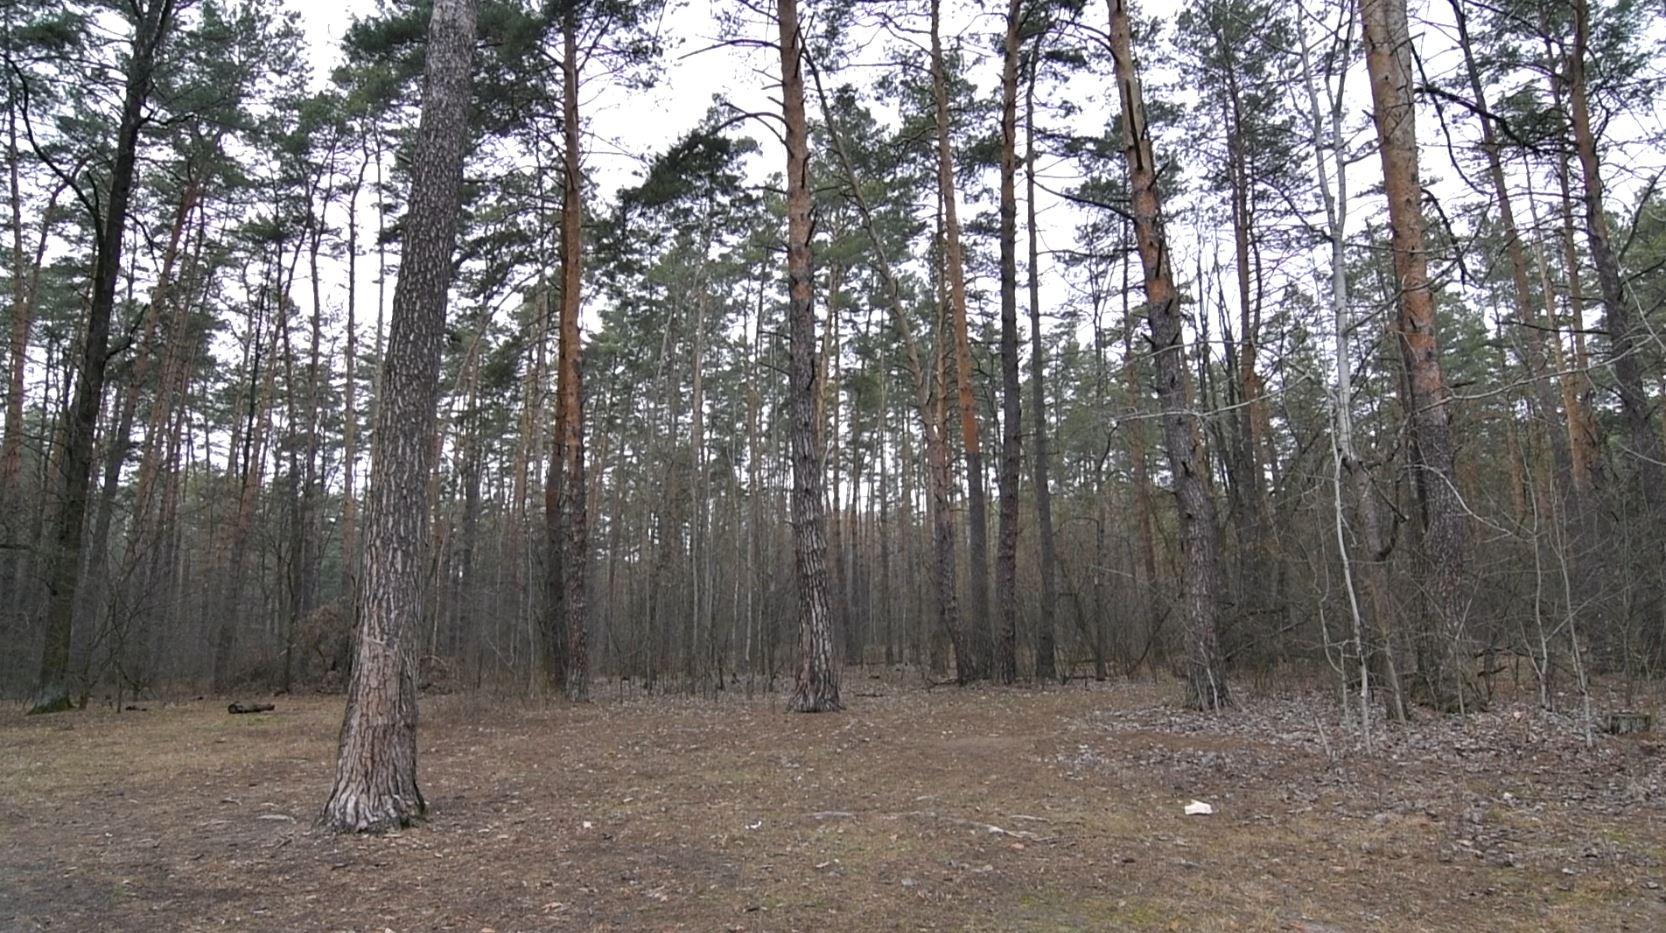 Понад 1 га Біличанського лісу за майже 10 млн грн мають повернути державі - прокуратура Київщини, Приірпіння, Лісові землі, київщина, Голосіївський парк, Біличанський ліс - Bil lis